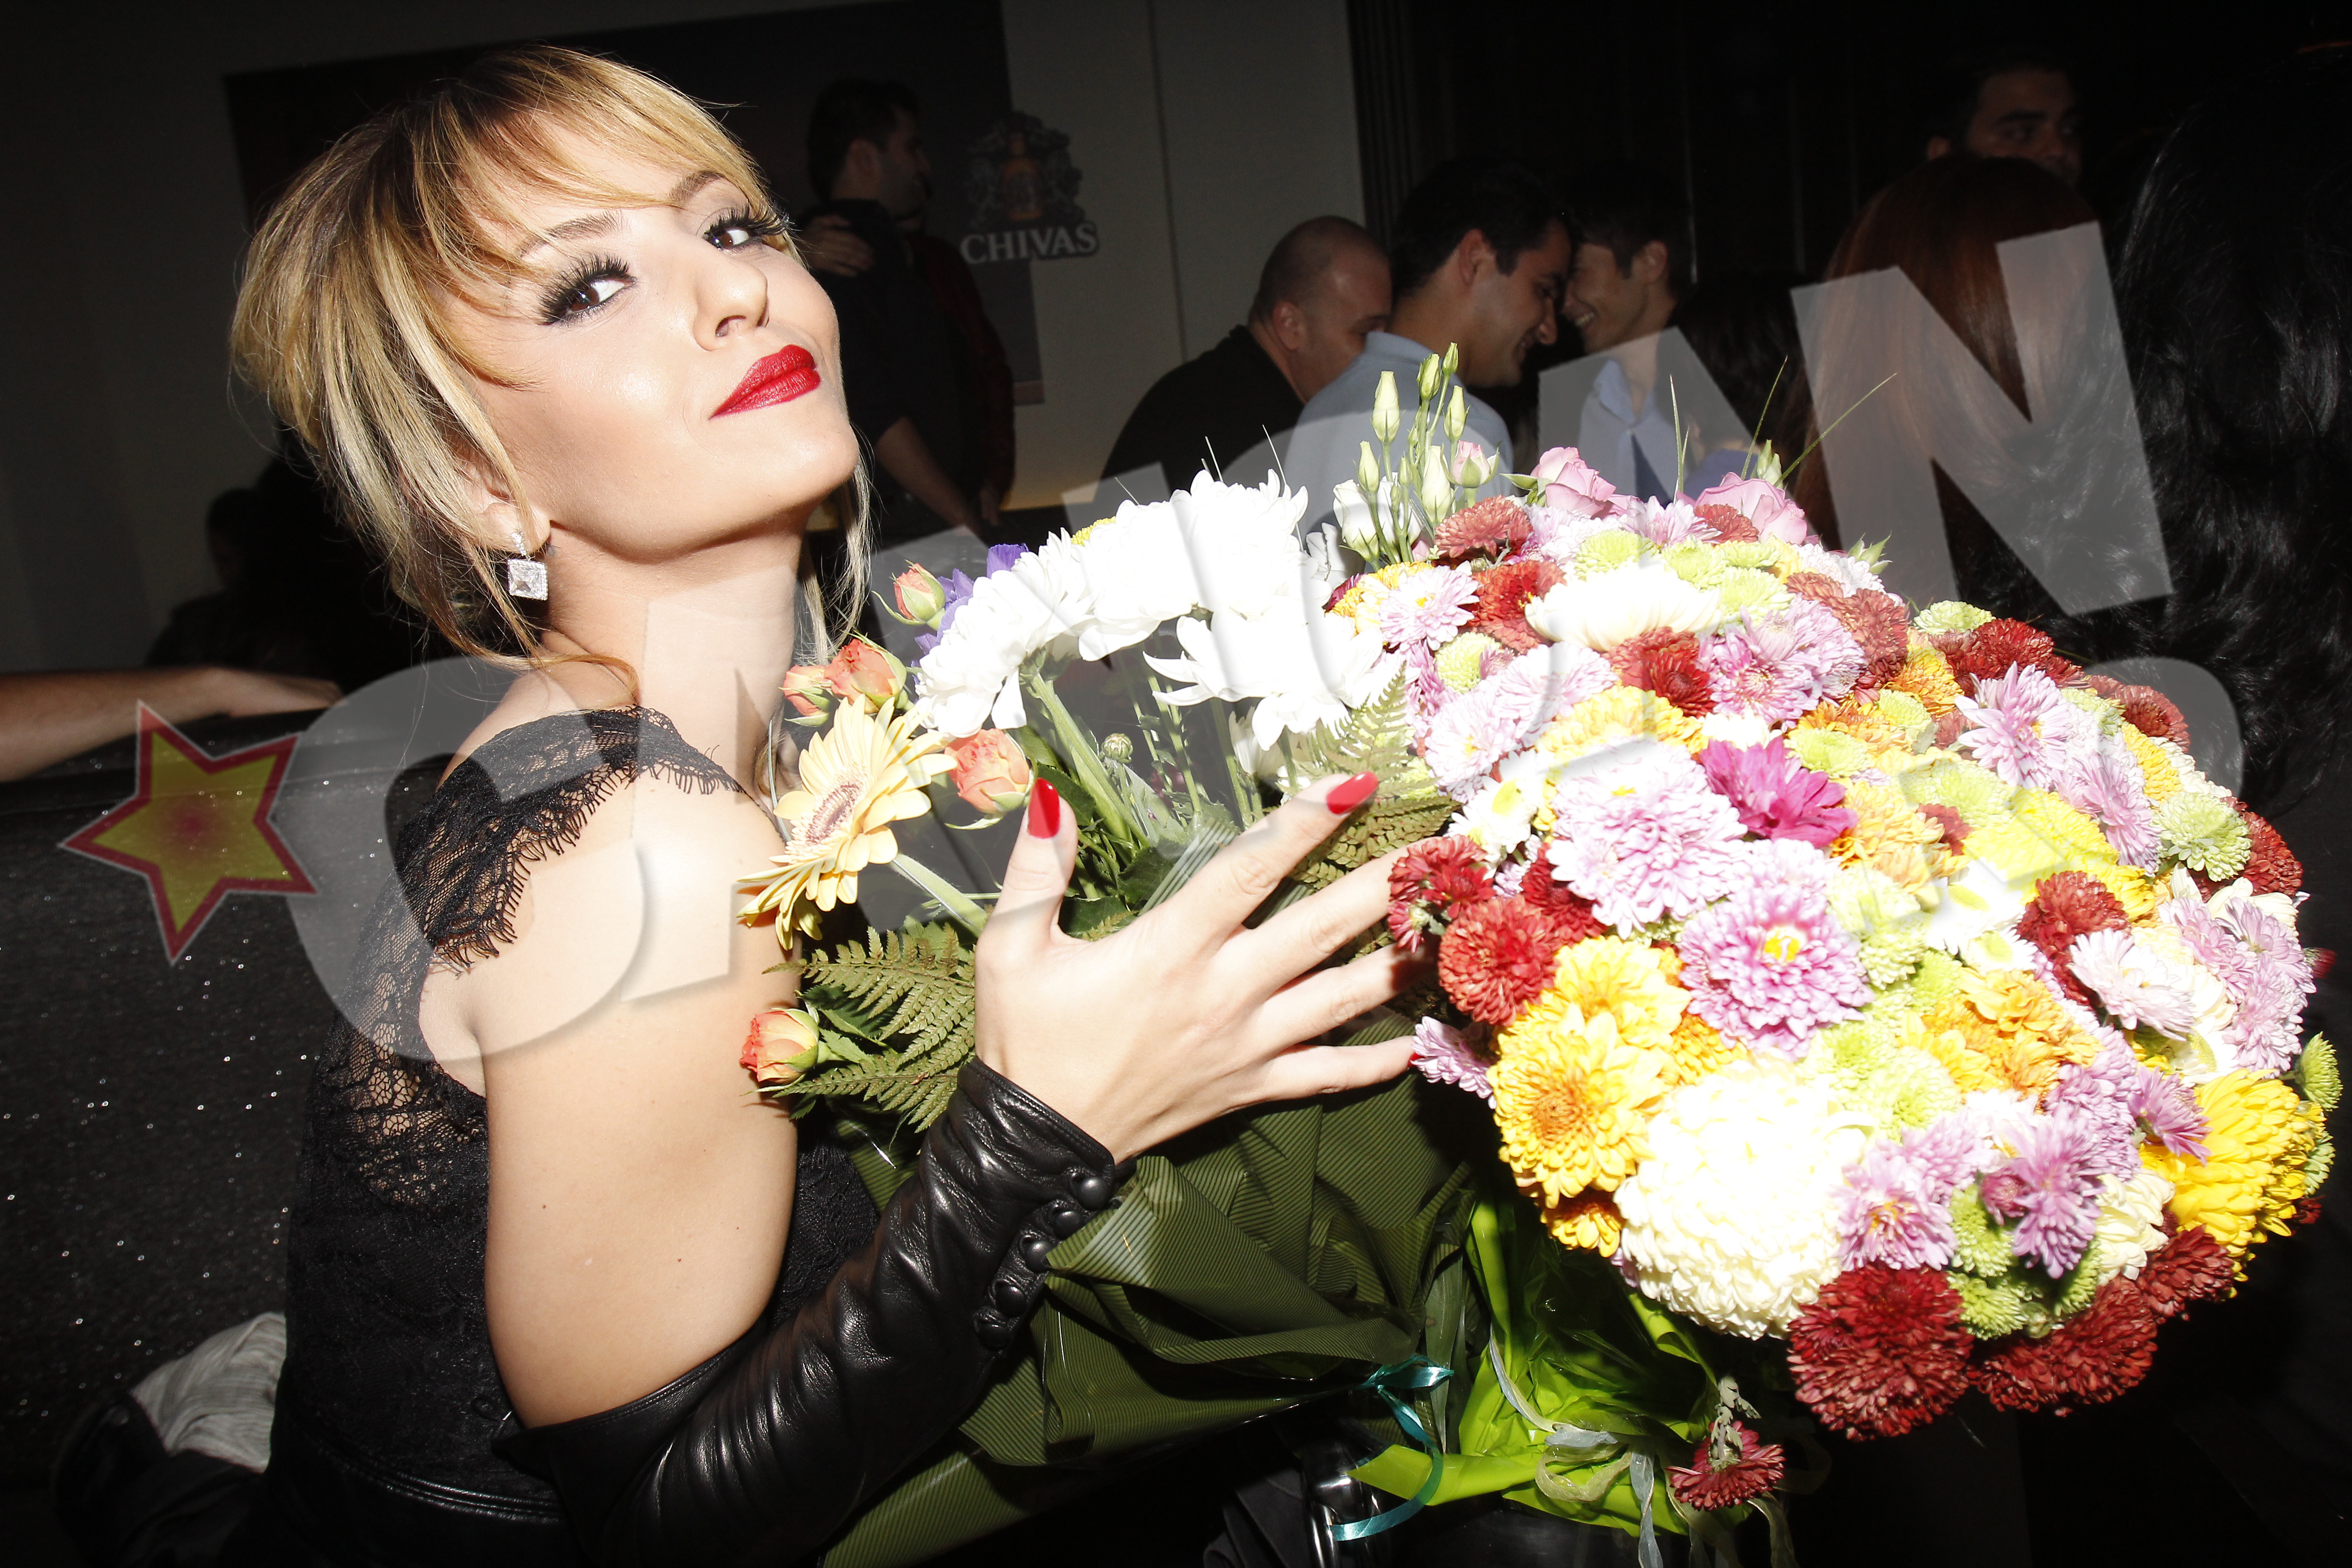 Giulia s-a pozat langa florile primite